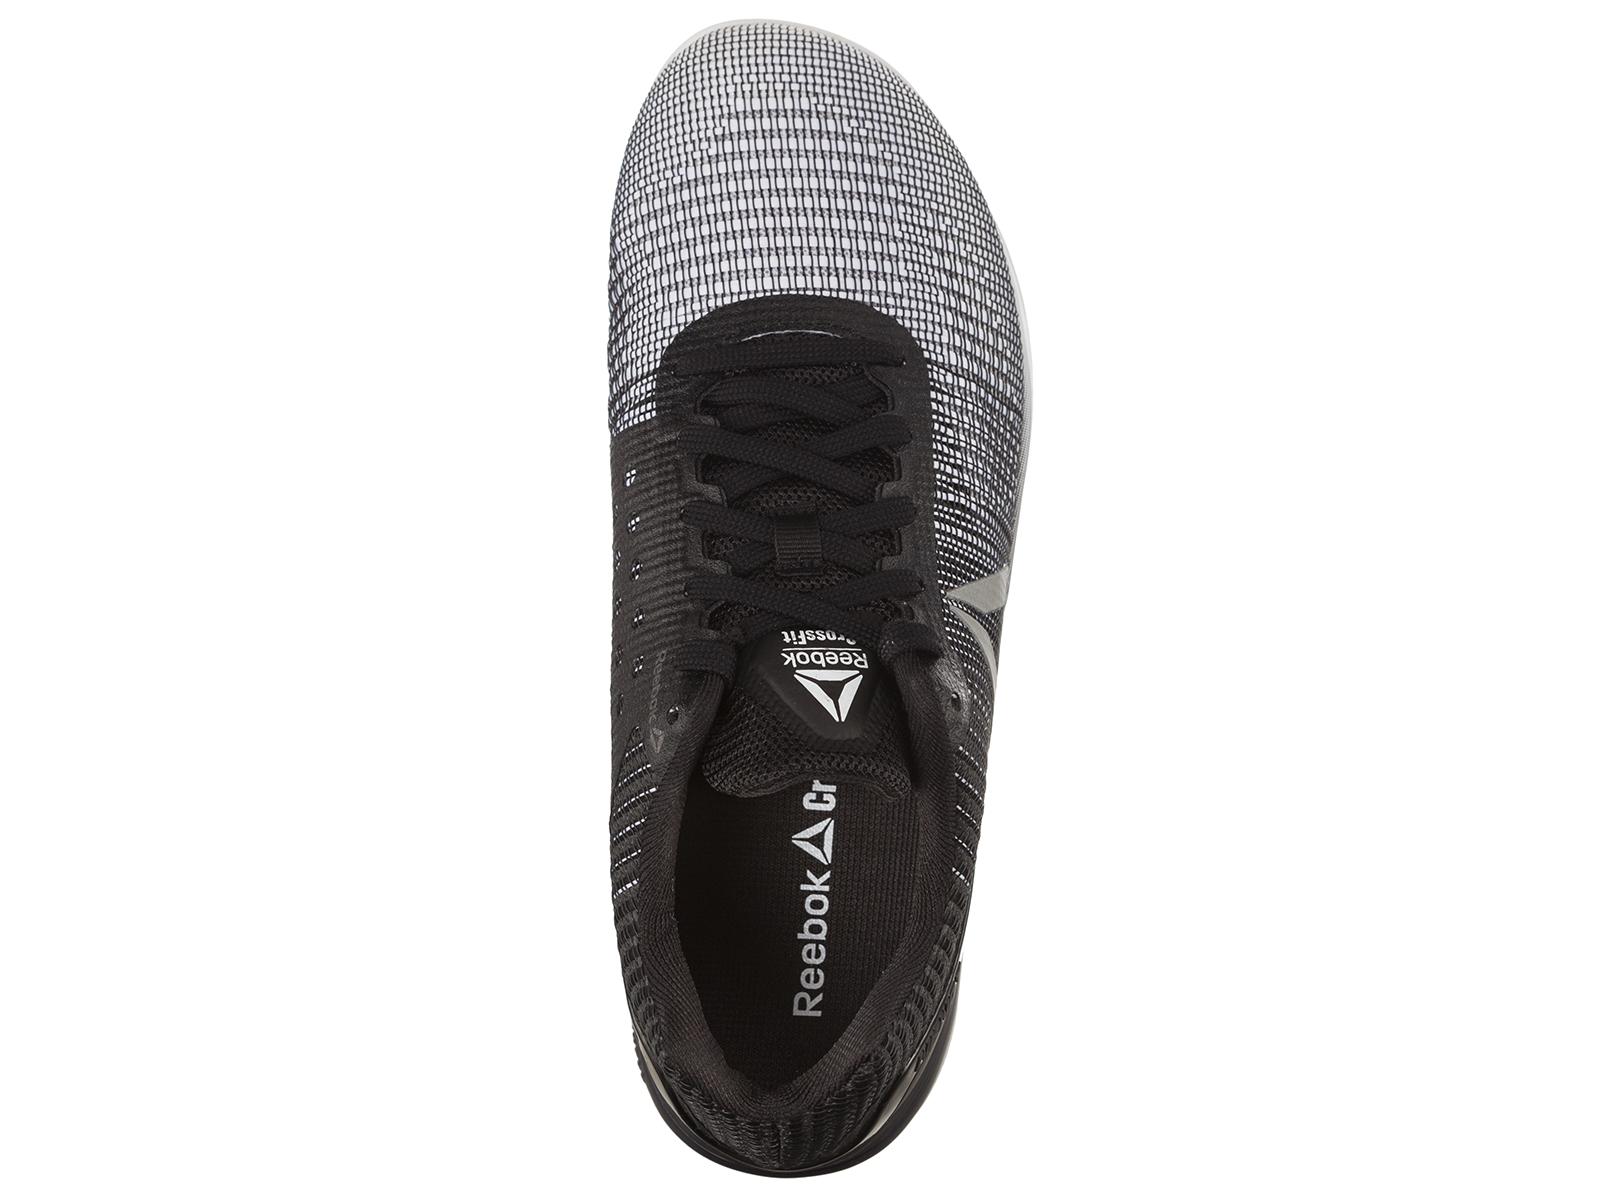 Reebok Men S Crossfit Nano  Cross Trainer Shoe